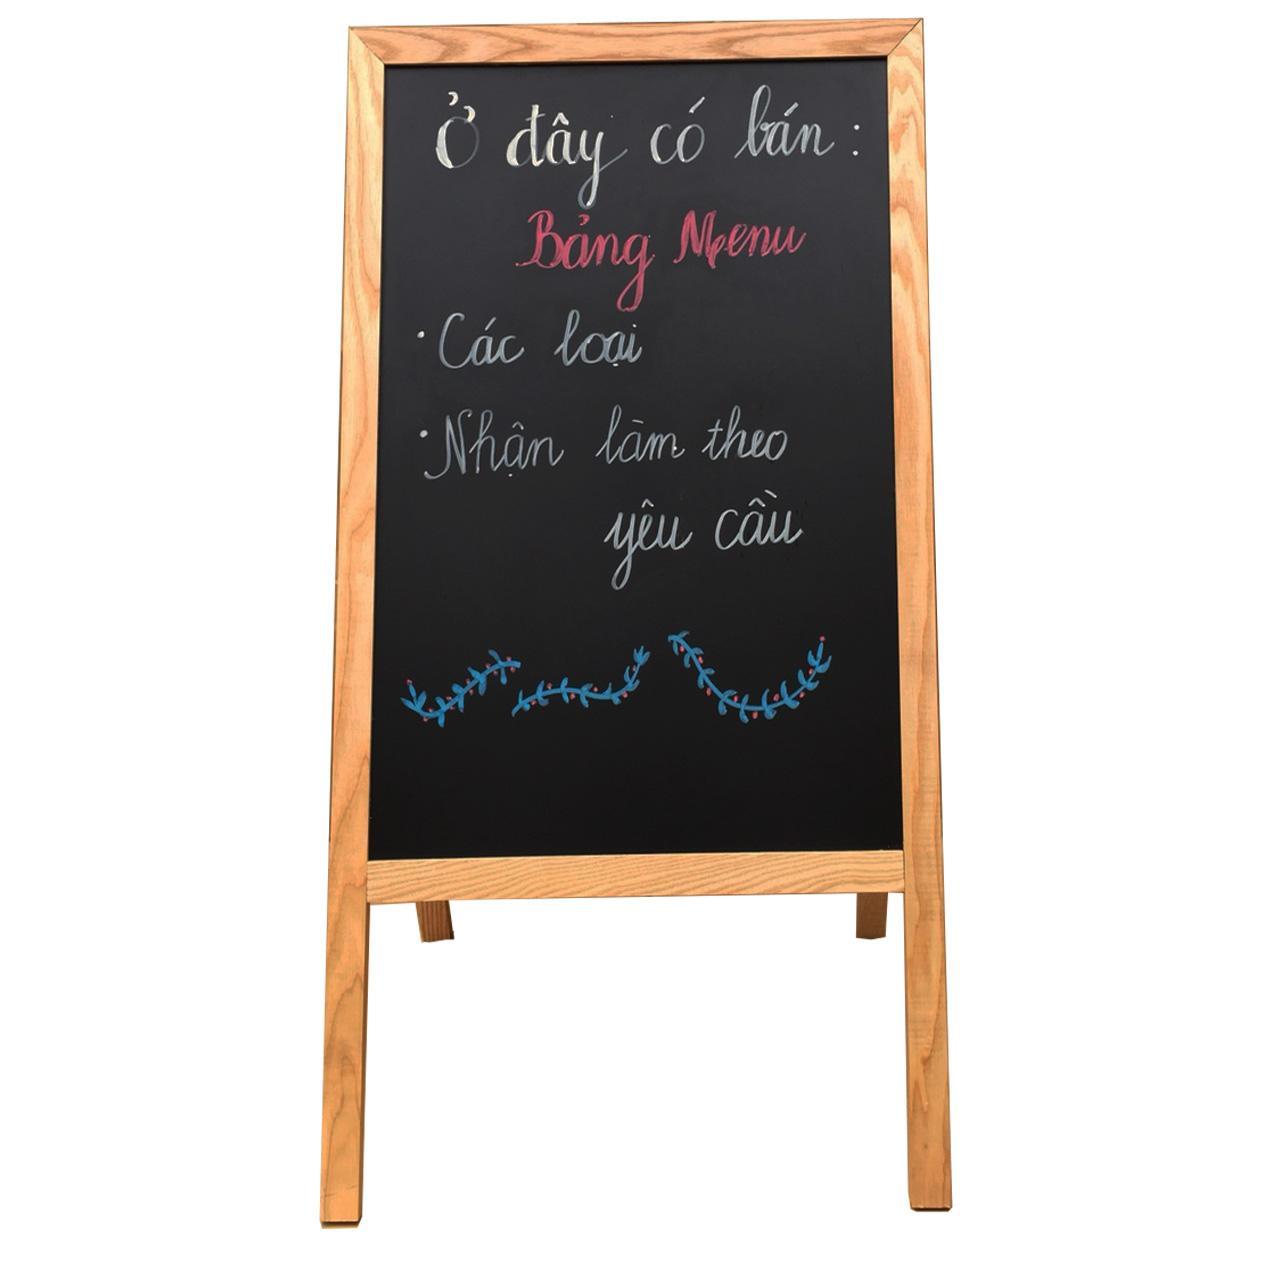 Mua Bảng menu nhà hàng chân gỗ gấp 60*120cm (Tặng bút dạ quang, hộp phấn)